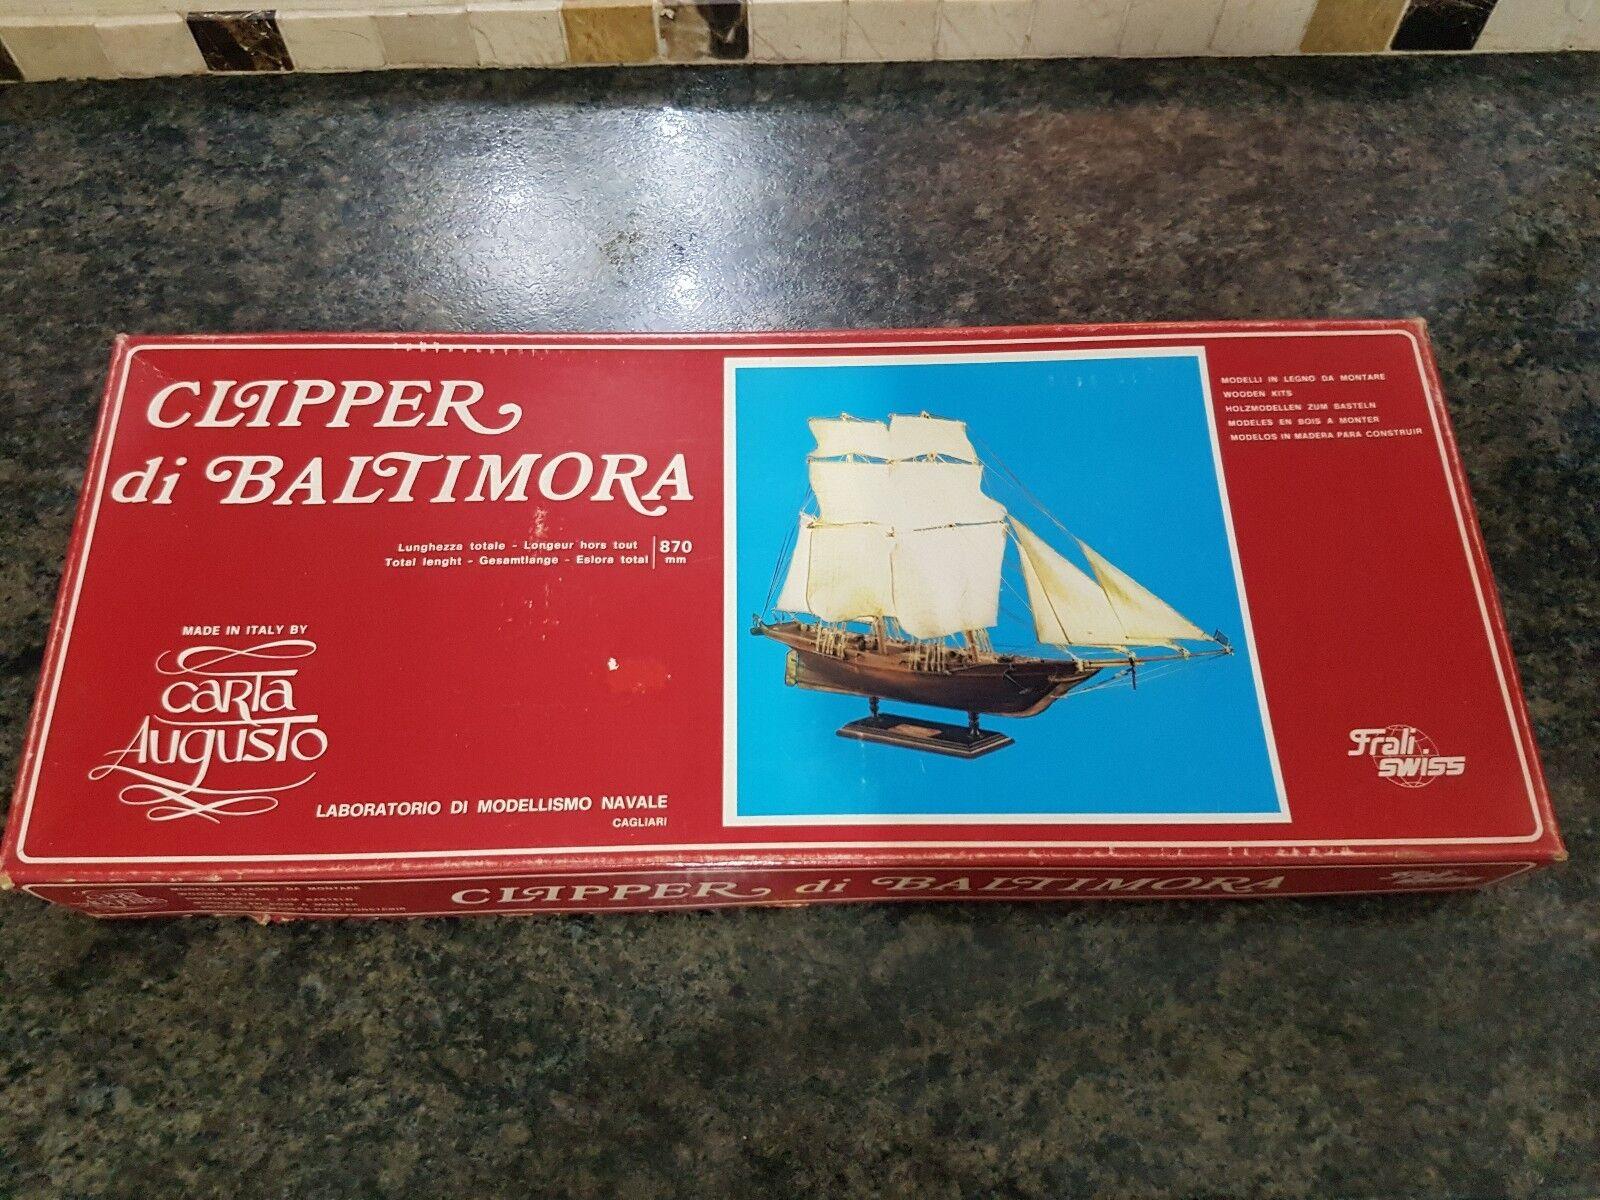 Carta Augusto 1 50 Clipper Di Baltimora Wooden Ship Great Condition Very Rare